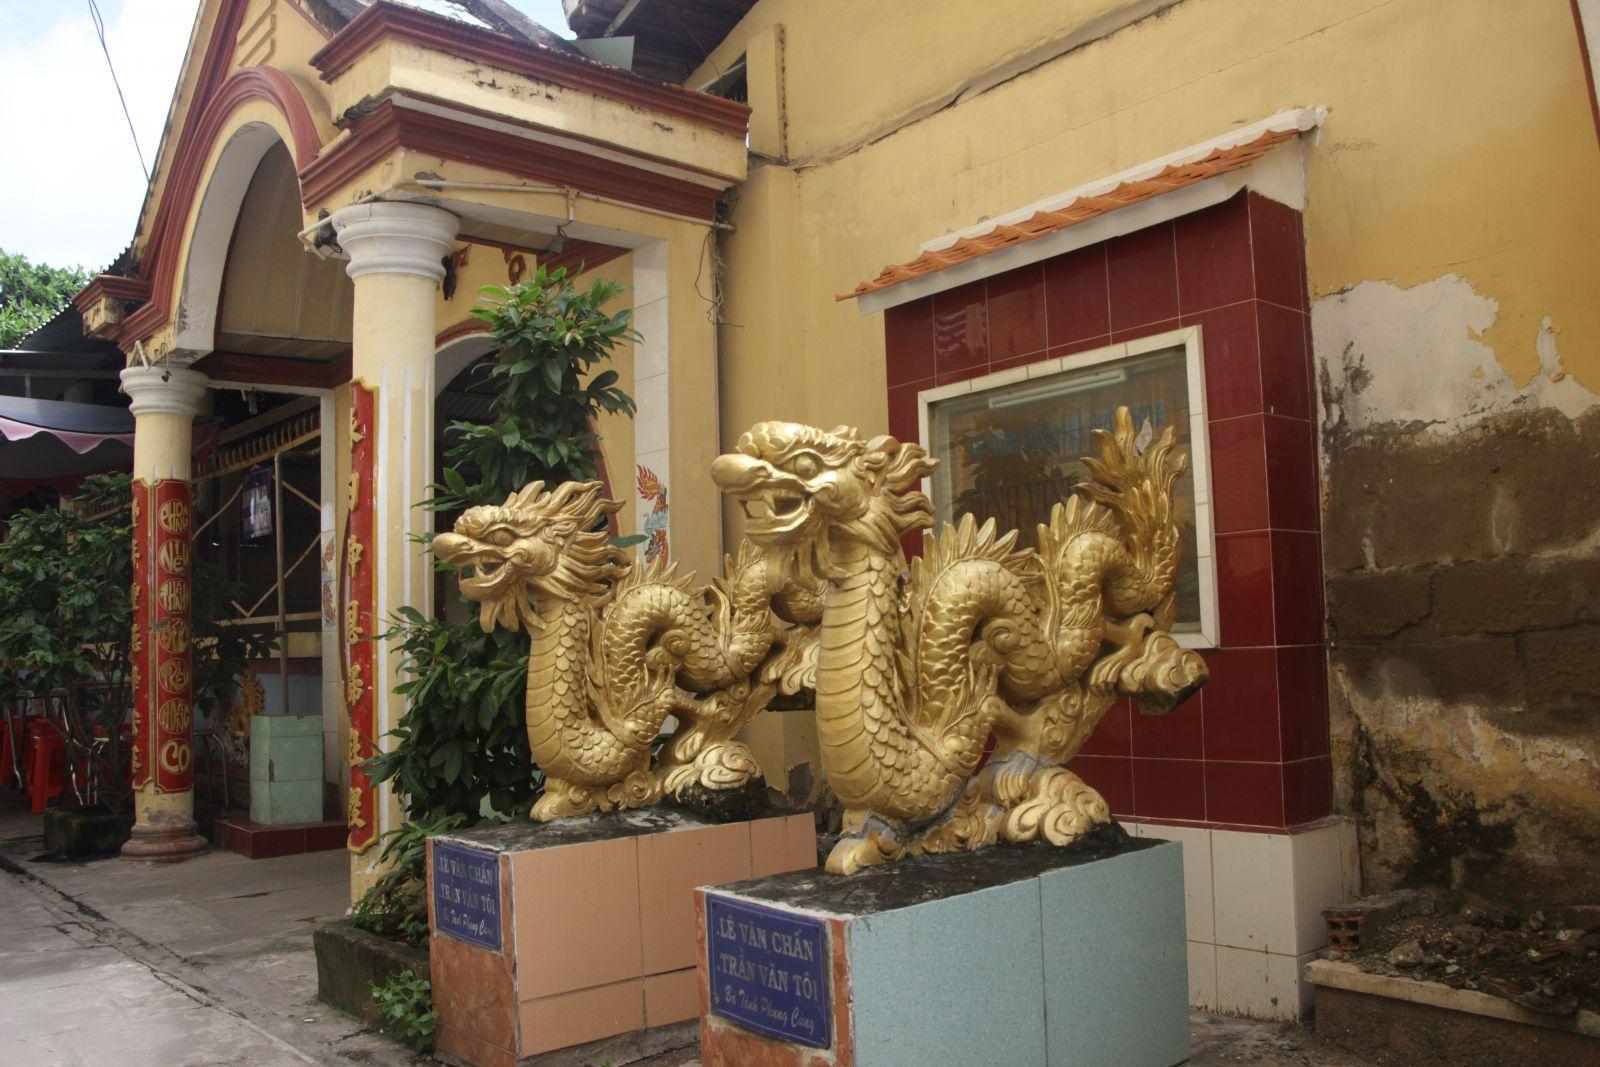 Đình Vĩnh Phong vẫn trang nghiêm ở đó, bên Rạch Cây Gáo, cạnh chợ Thủ Thừa. Hàng năm, người dân vẫn tổ chức lễ giỗ ông vào ngày 10/10 Âm lịch